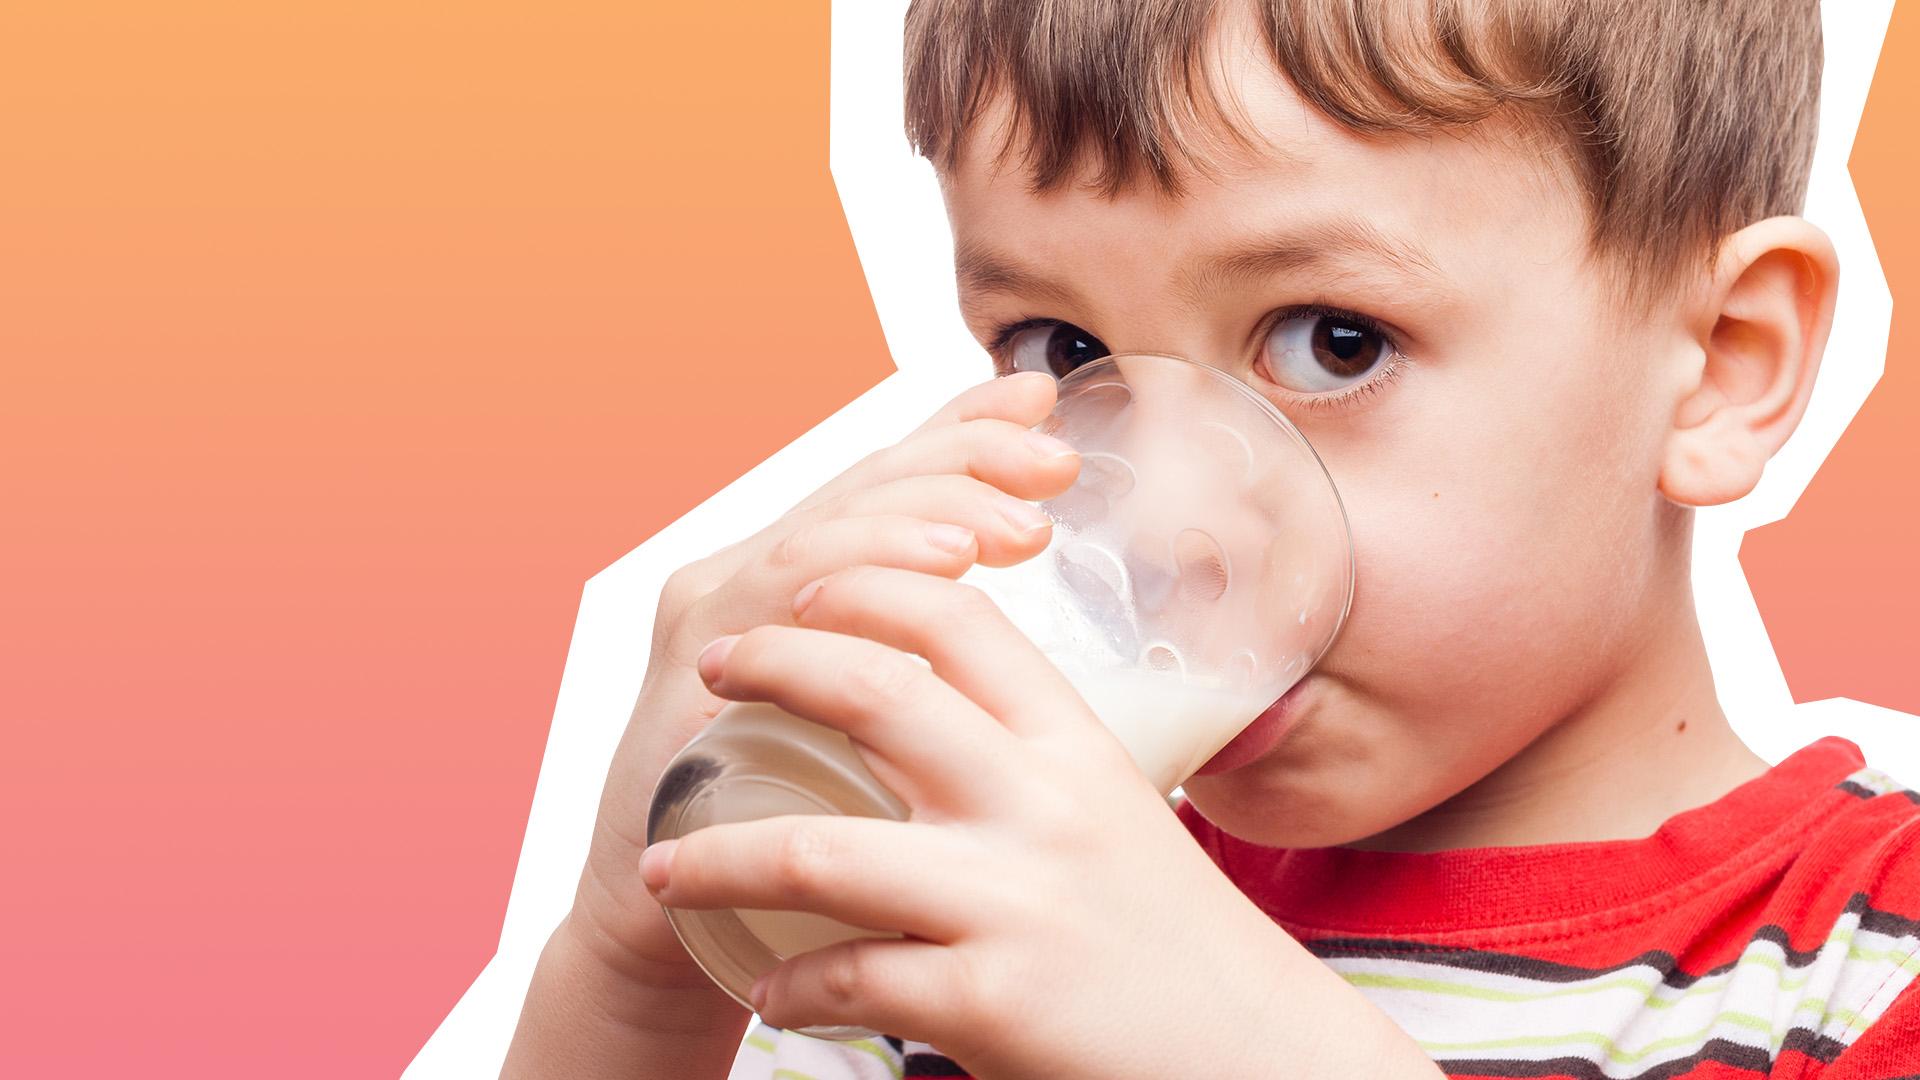 teaser_milk.jpg